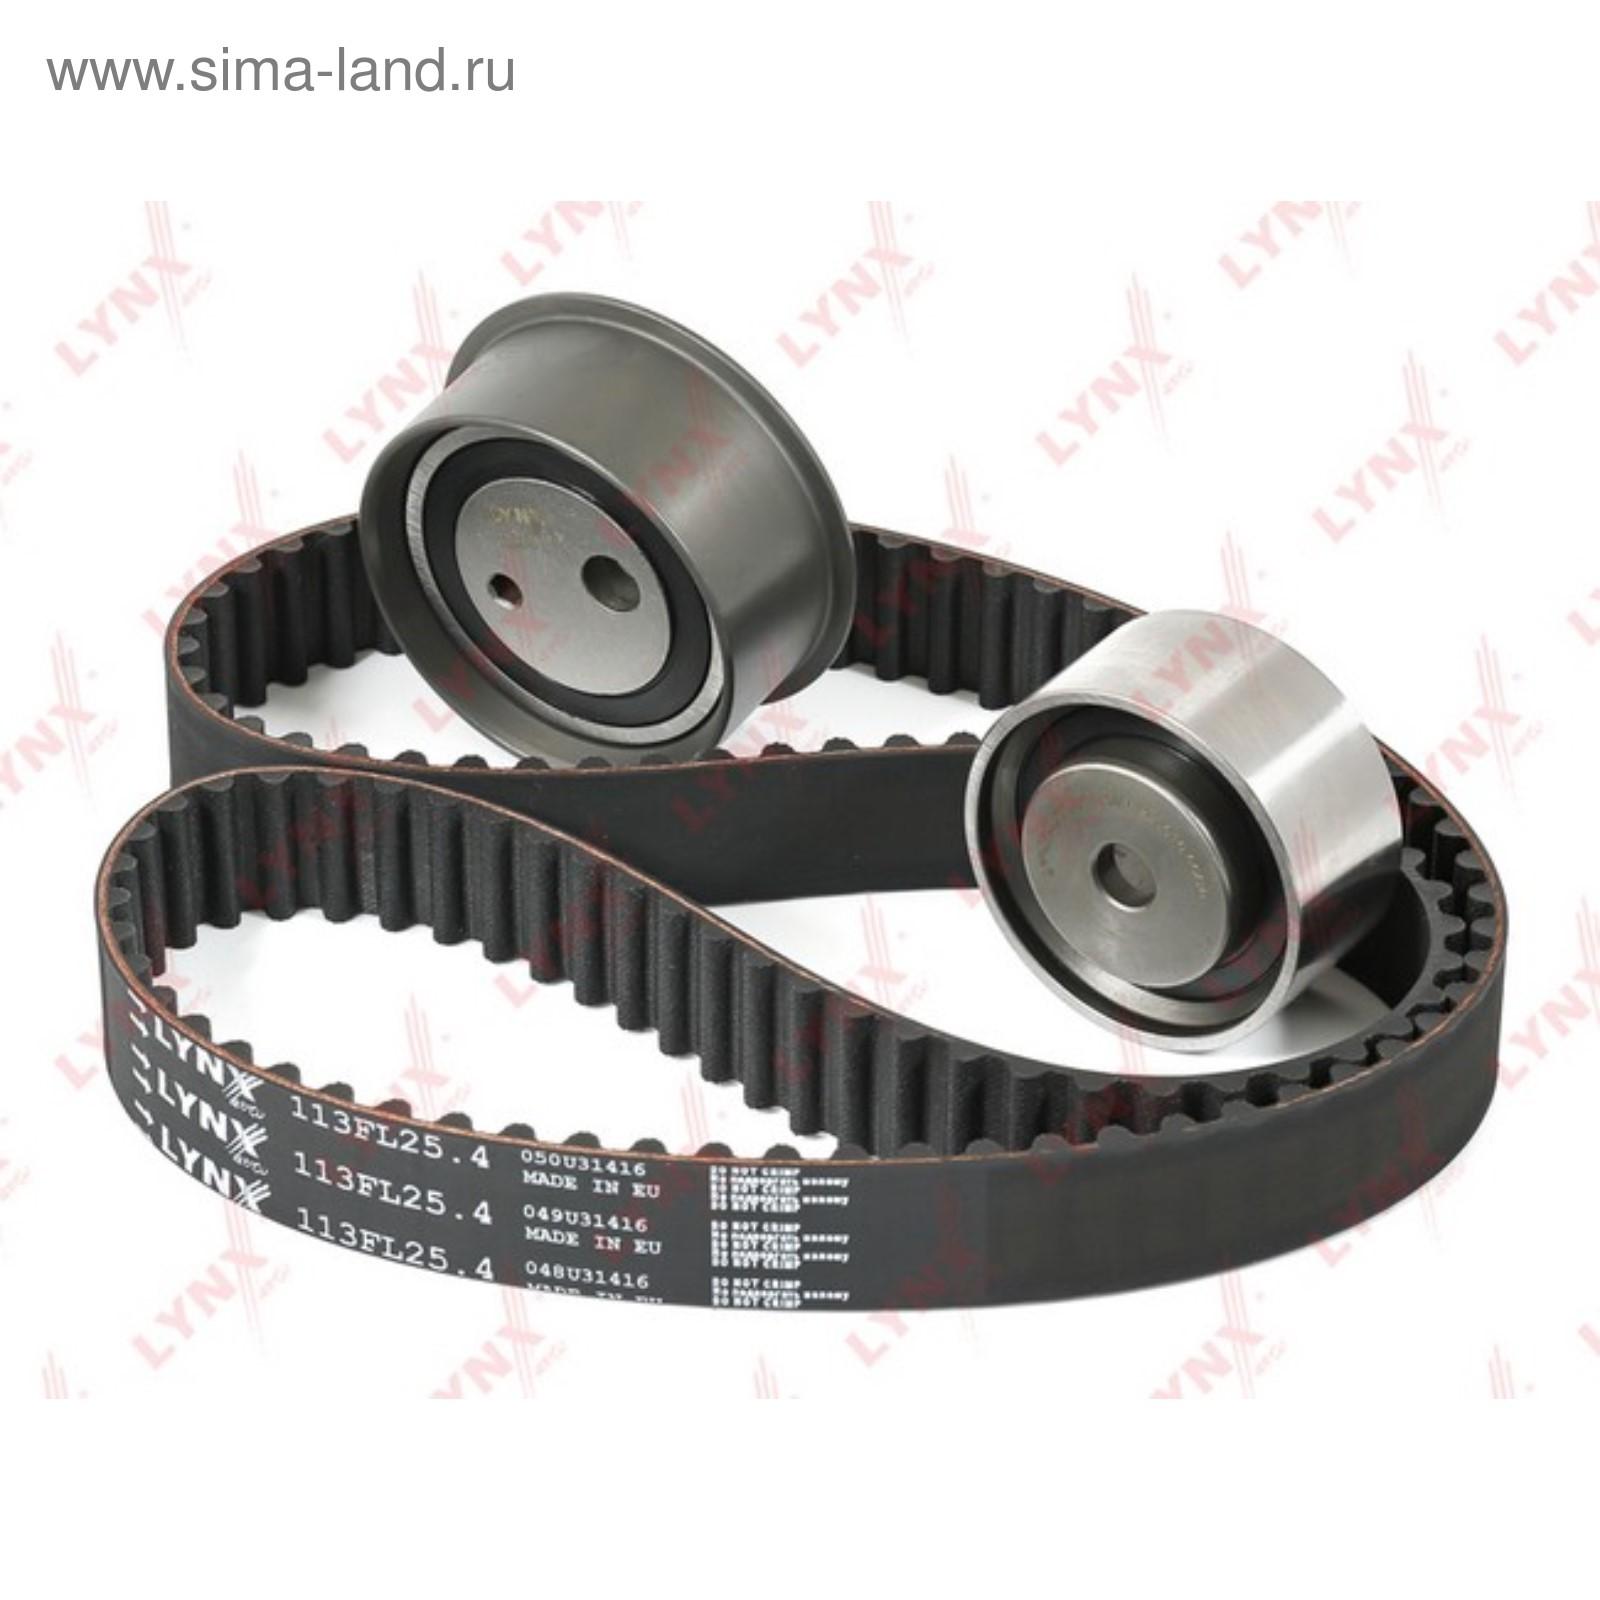 Ремень ГРМ, комплект LYNX PK-1169